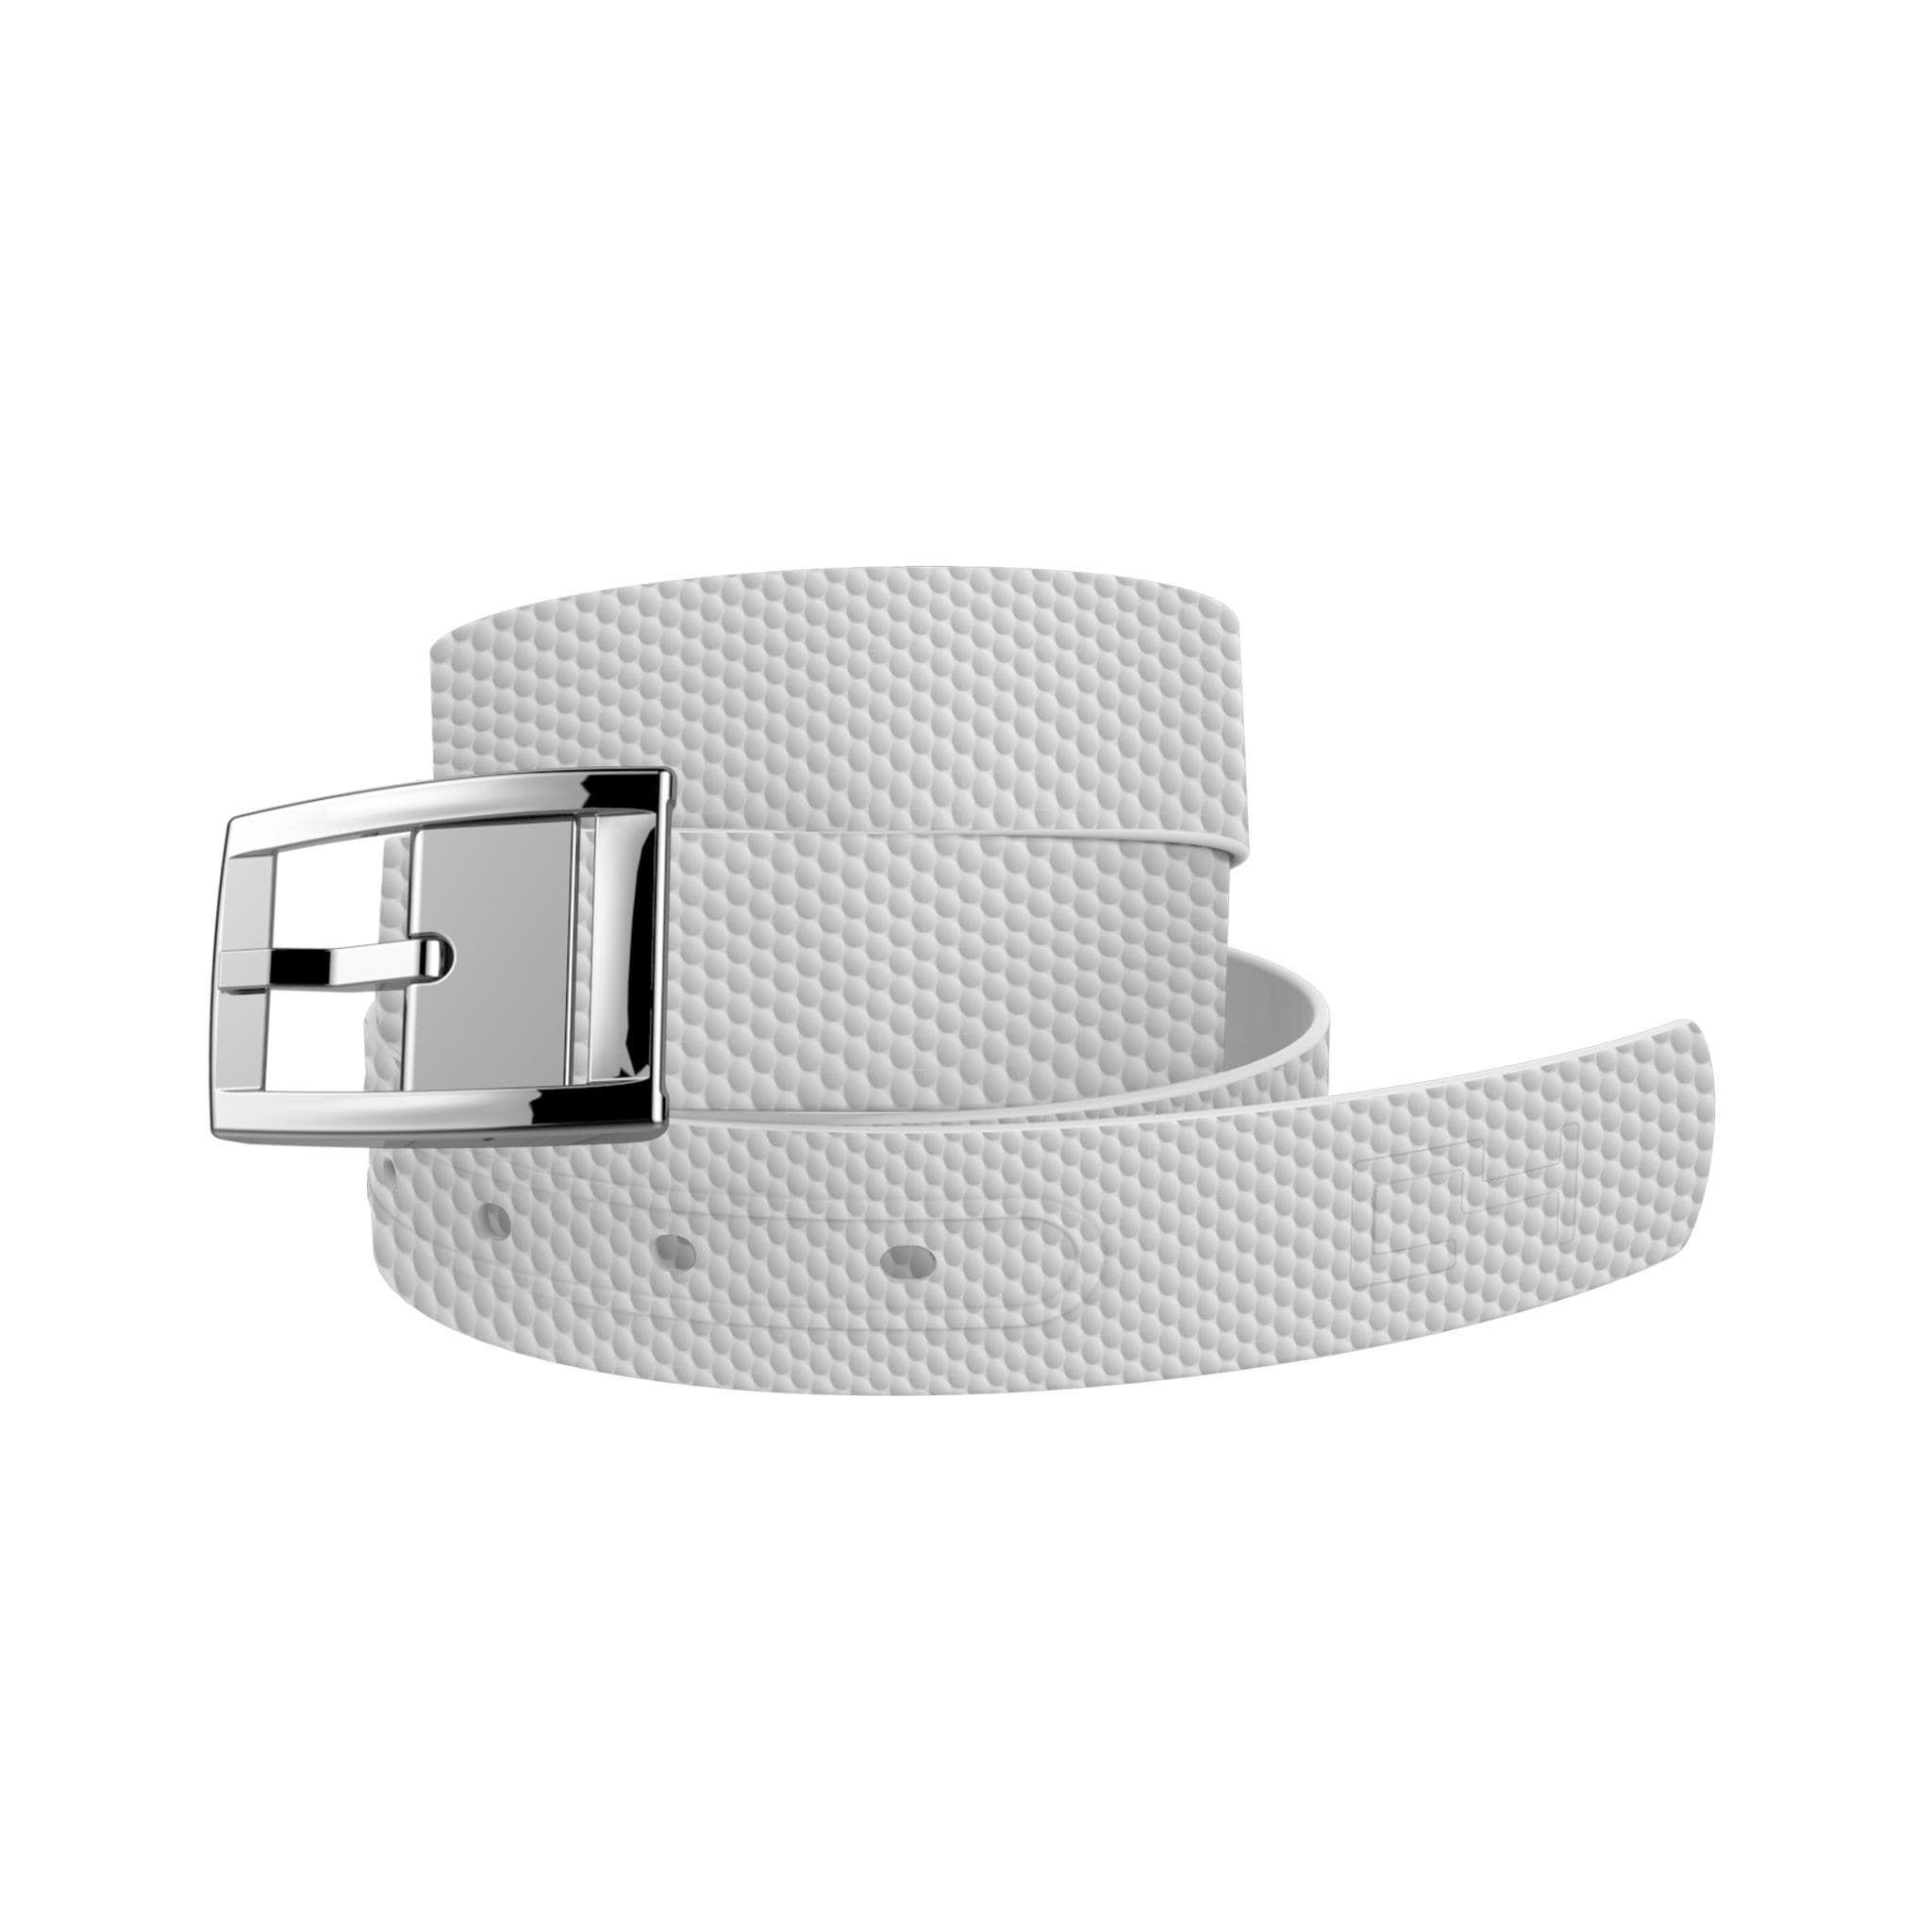 30+ C4 golf belts ideas